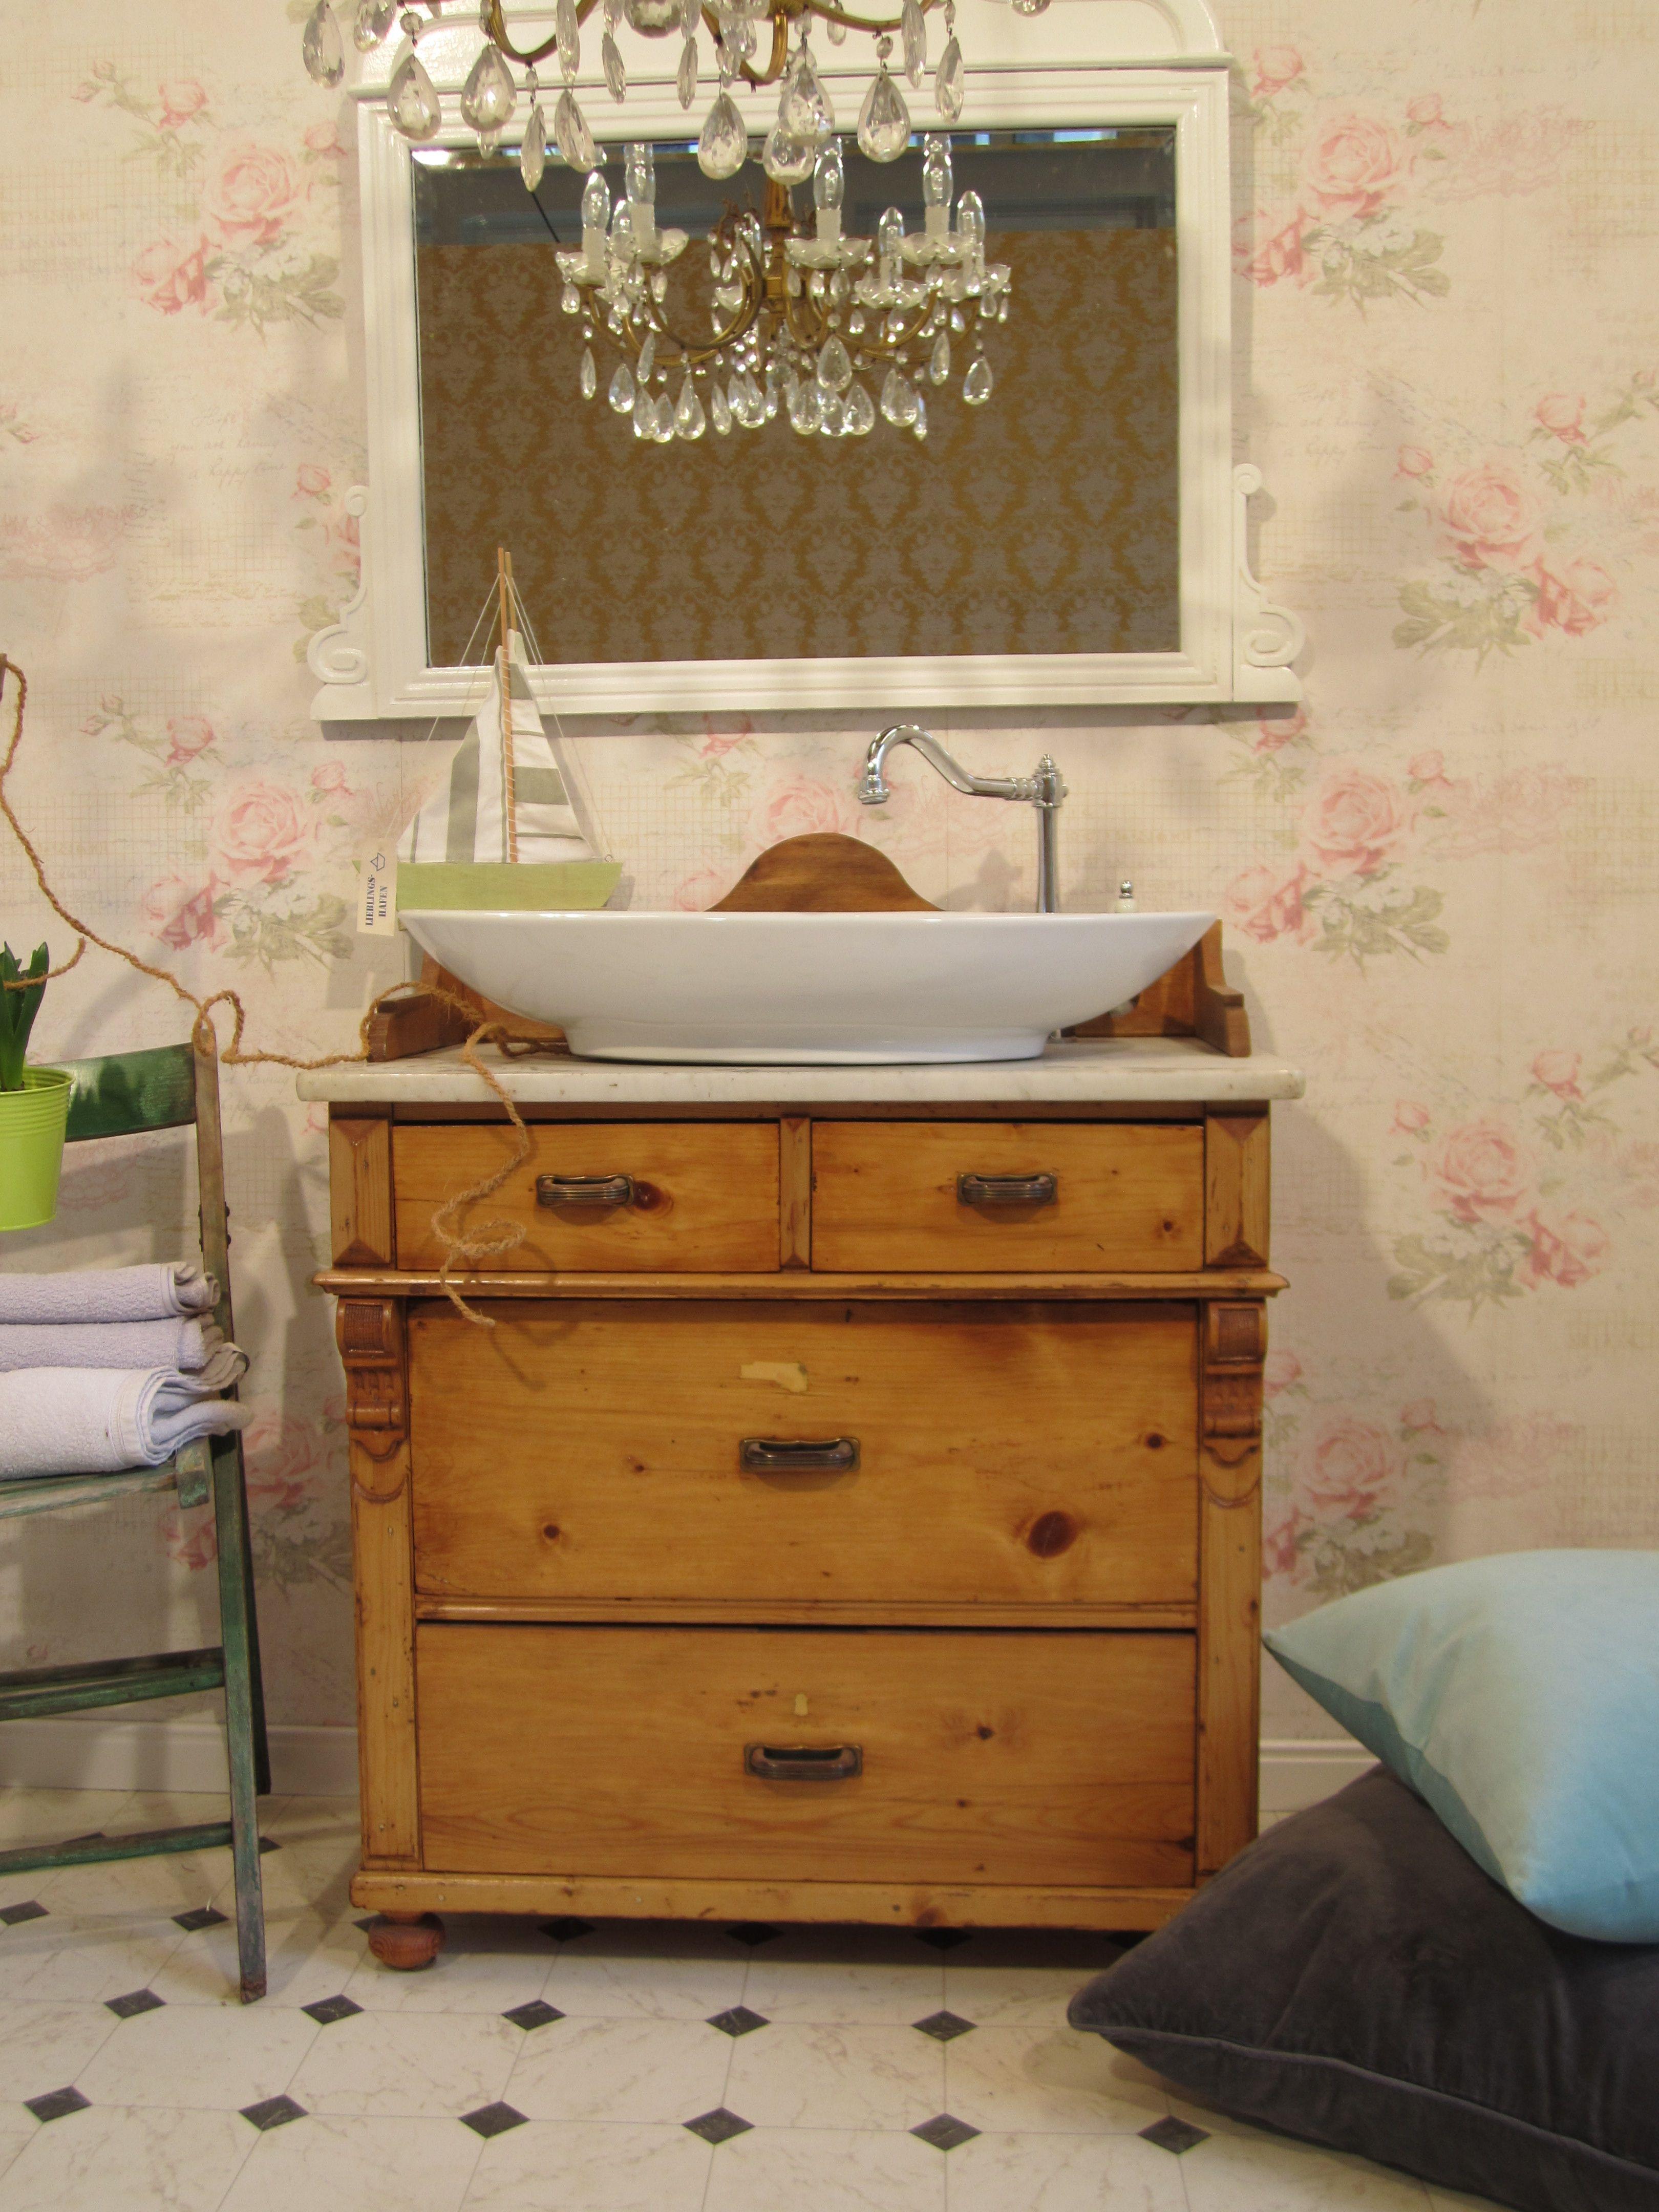 Badmöbel Landhaus - Laufen Sie mit diesem Waschtisch im Landhausstil ...